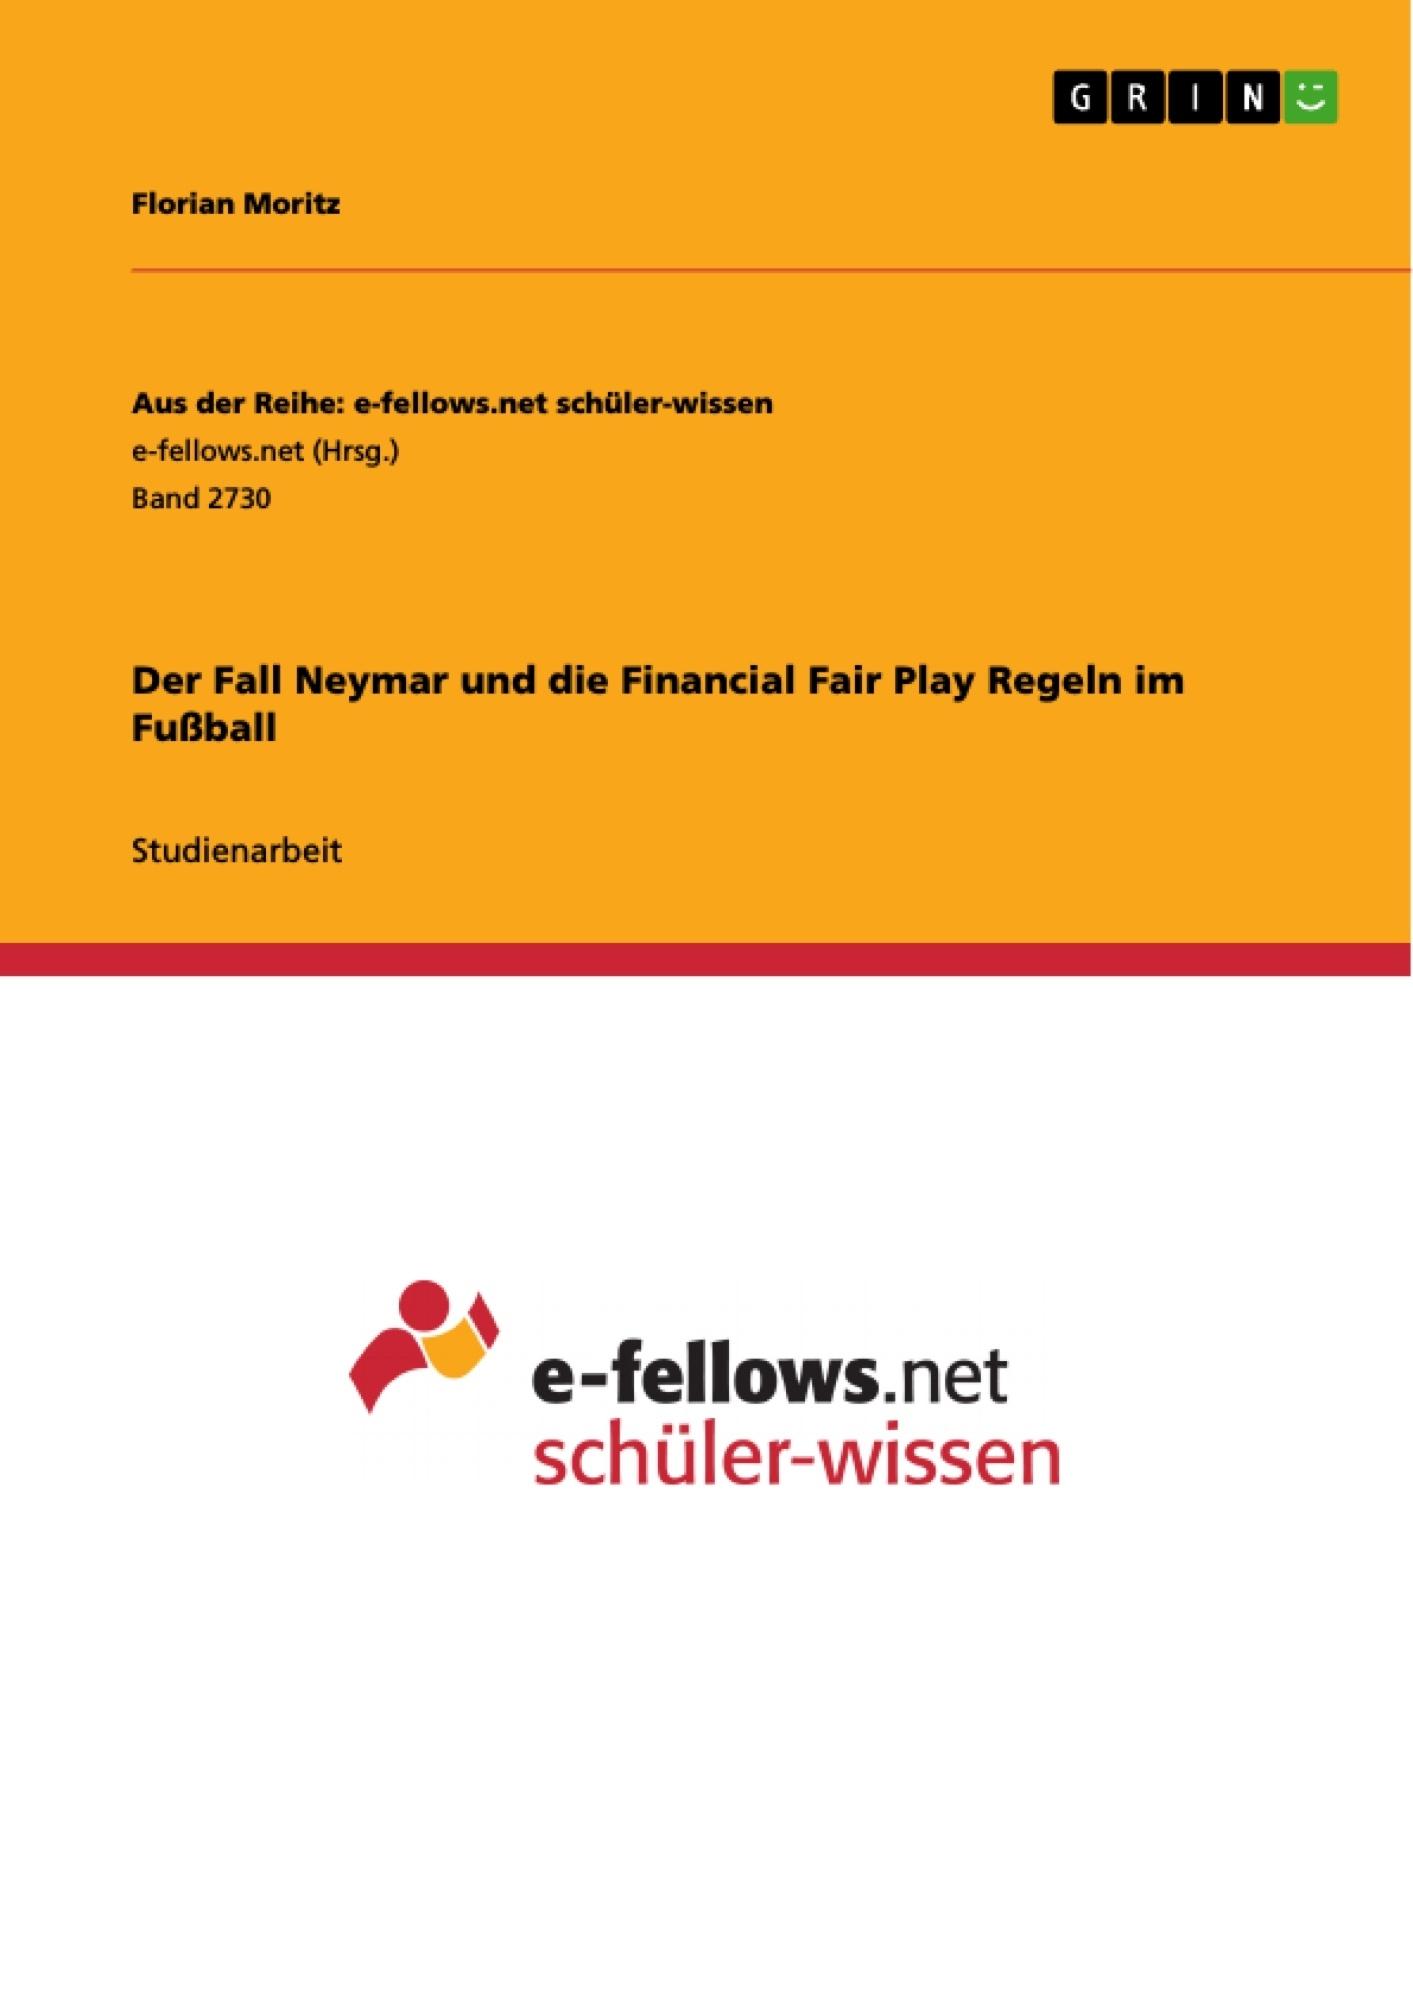 Titel: Der Fall Neymar und die Financial Fair Play Regeln im Fußball